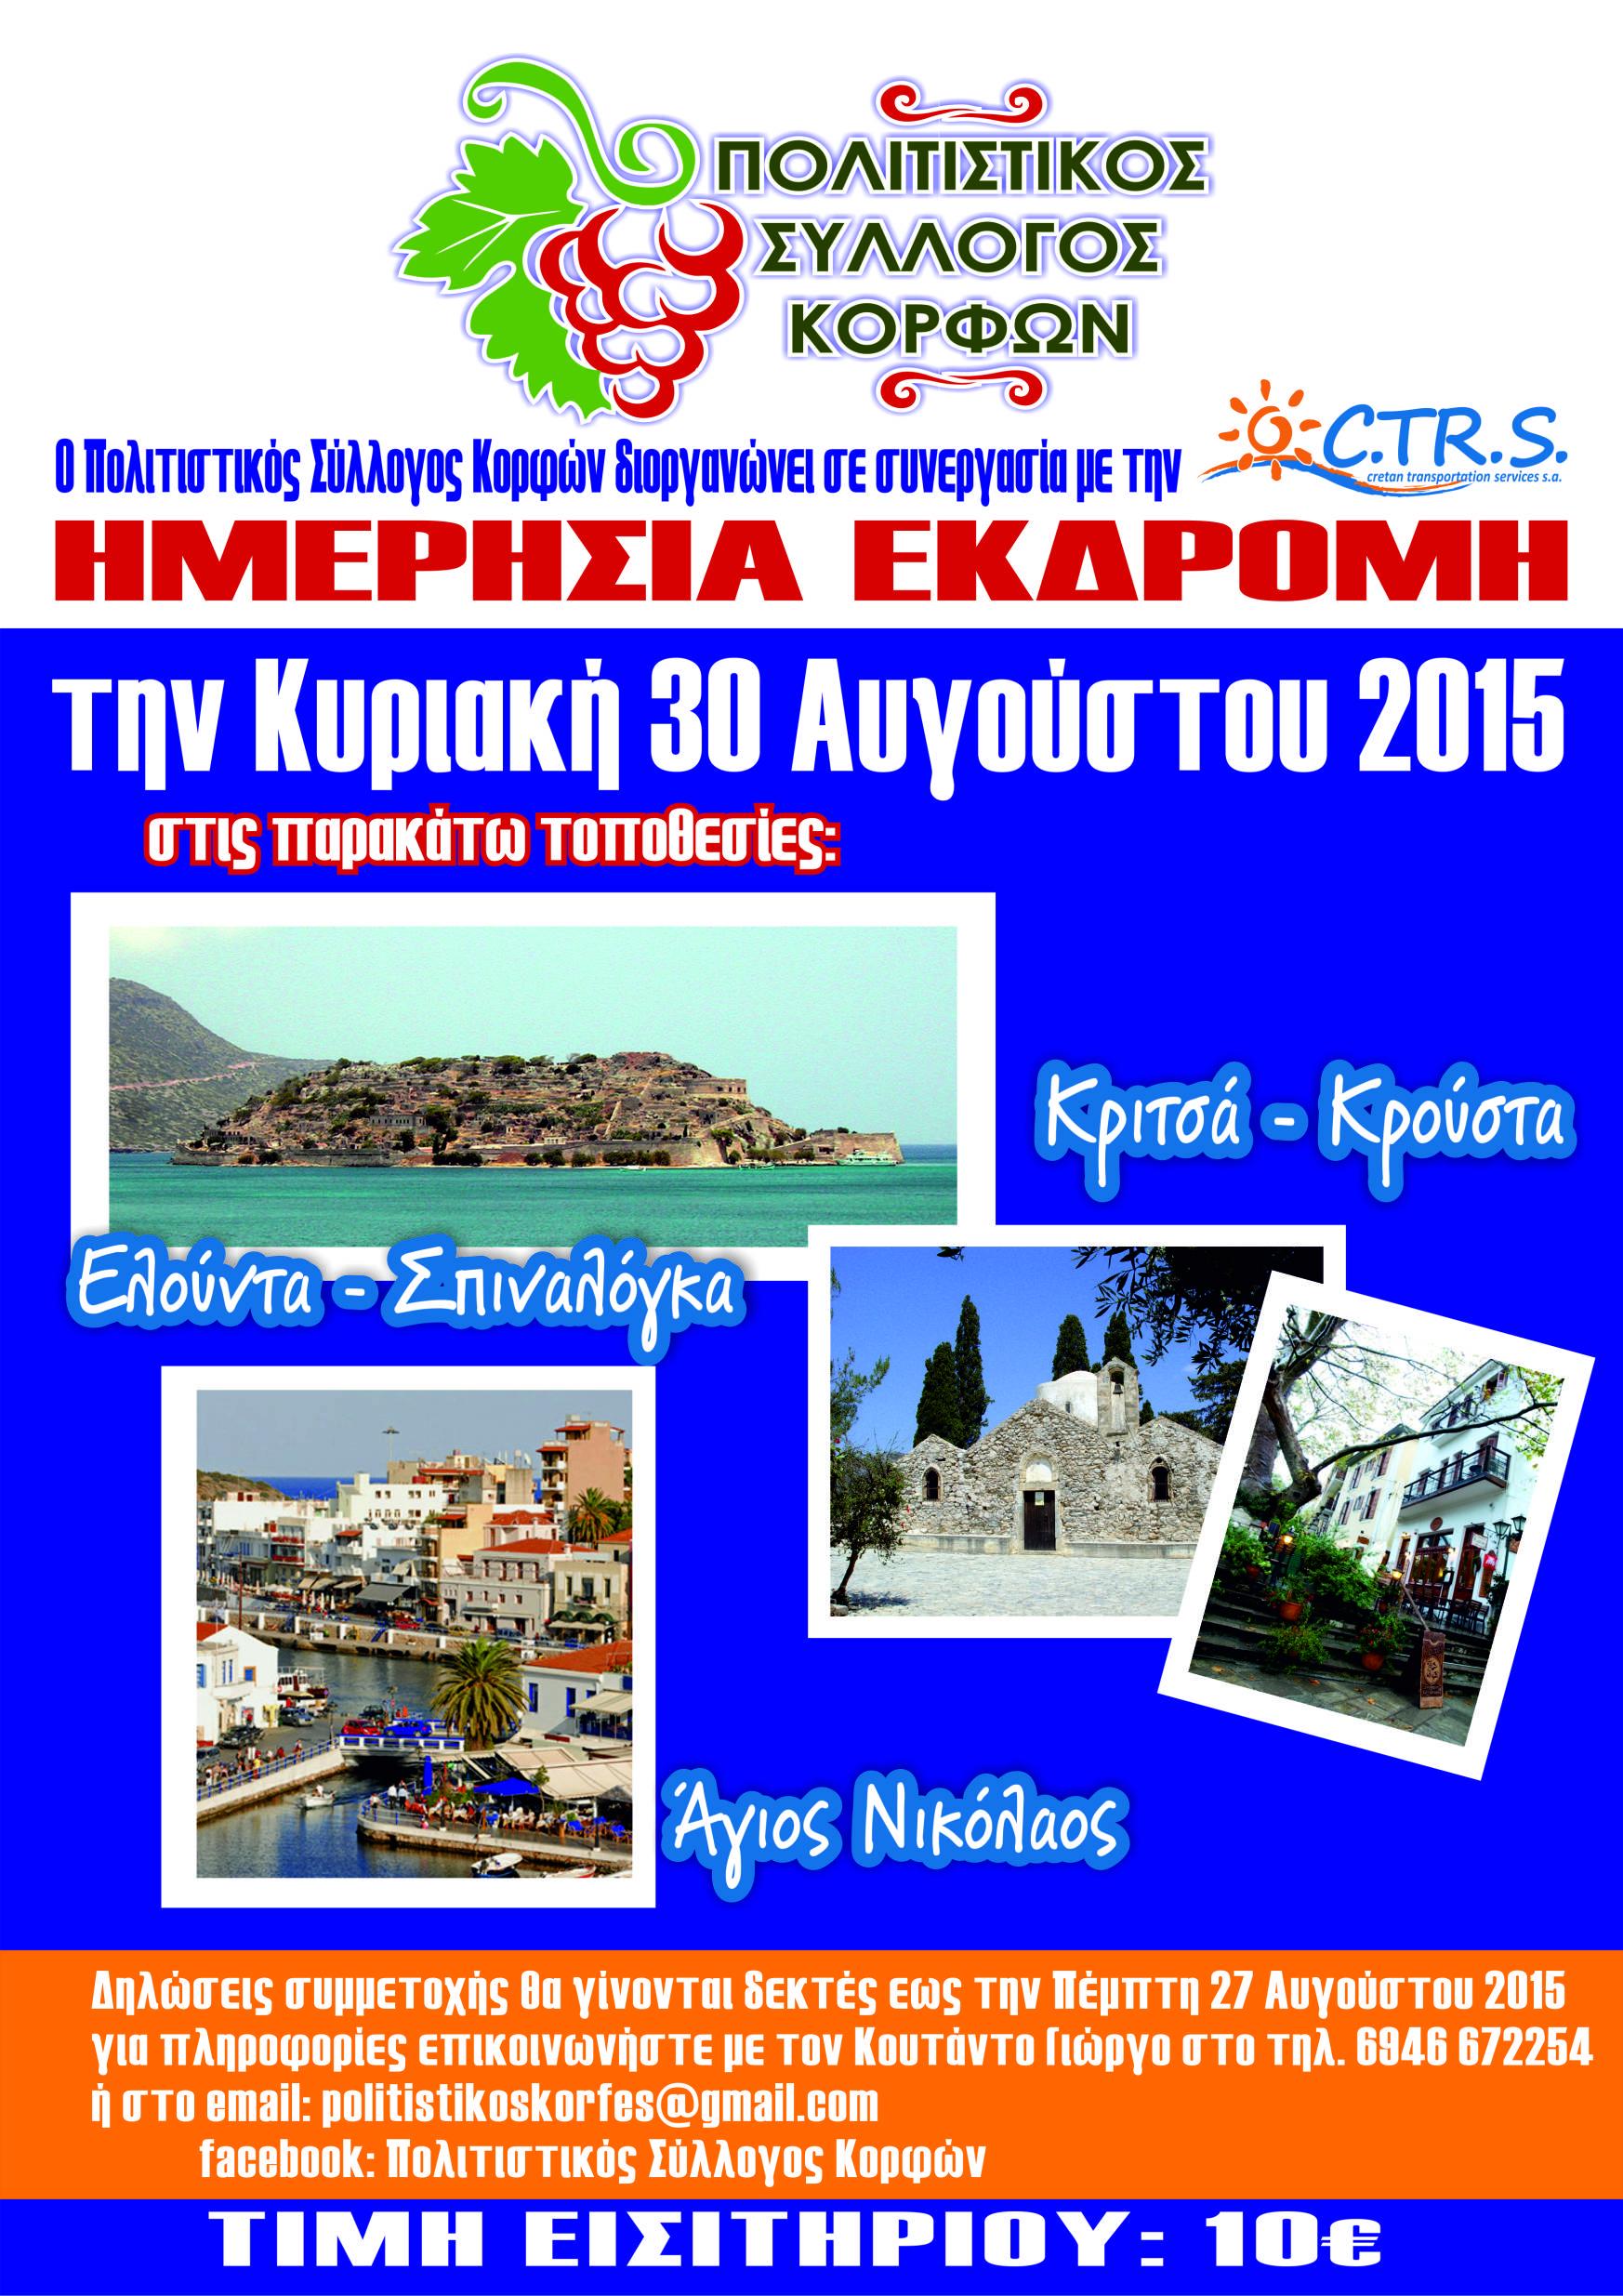 Π.Σ Κορφών - Ημερήσια Εκδρομή 30-8-2015